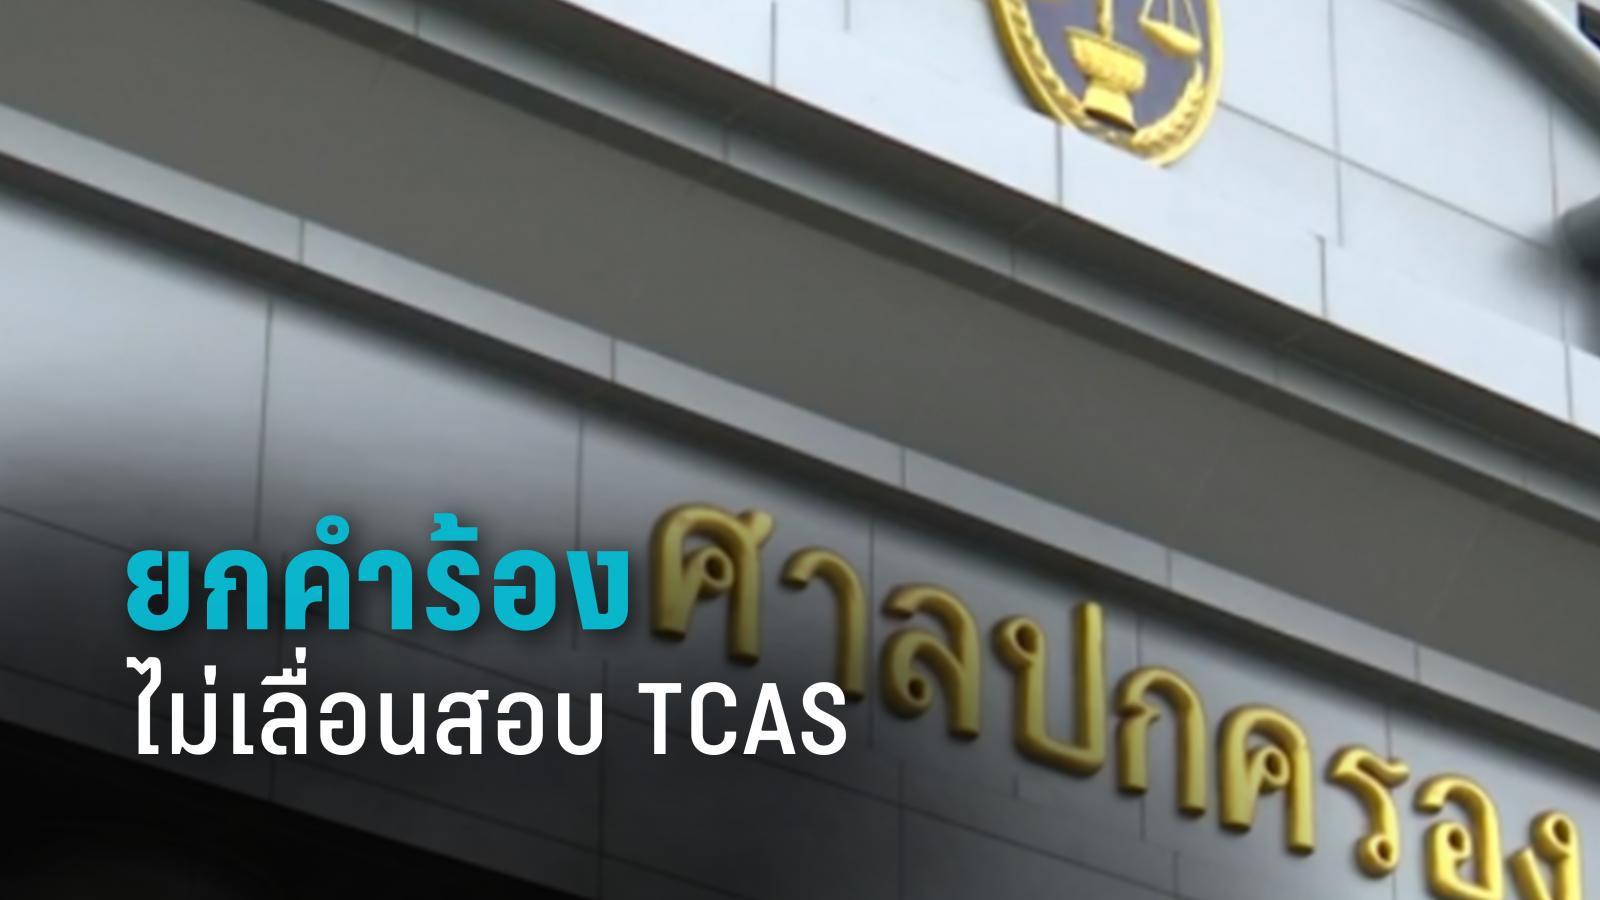 ศาลปกครอง ยกคำร้องขอคุ้มครองชั่วคราว ไม่เลื่อนสอบ TCAS 64